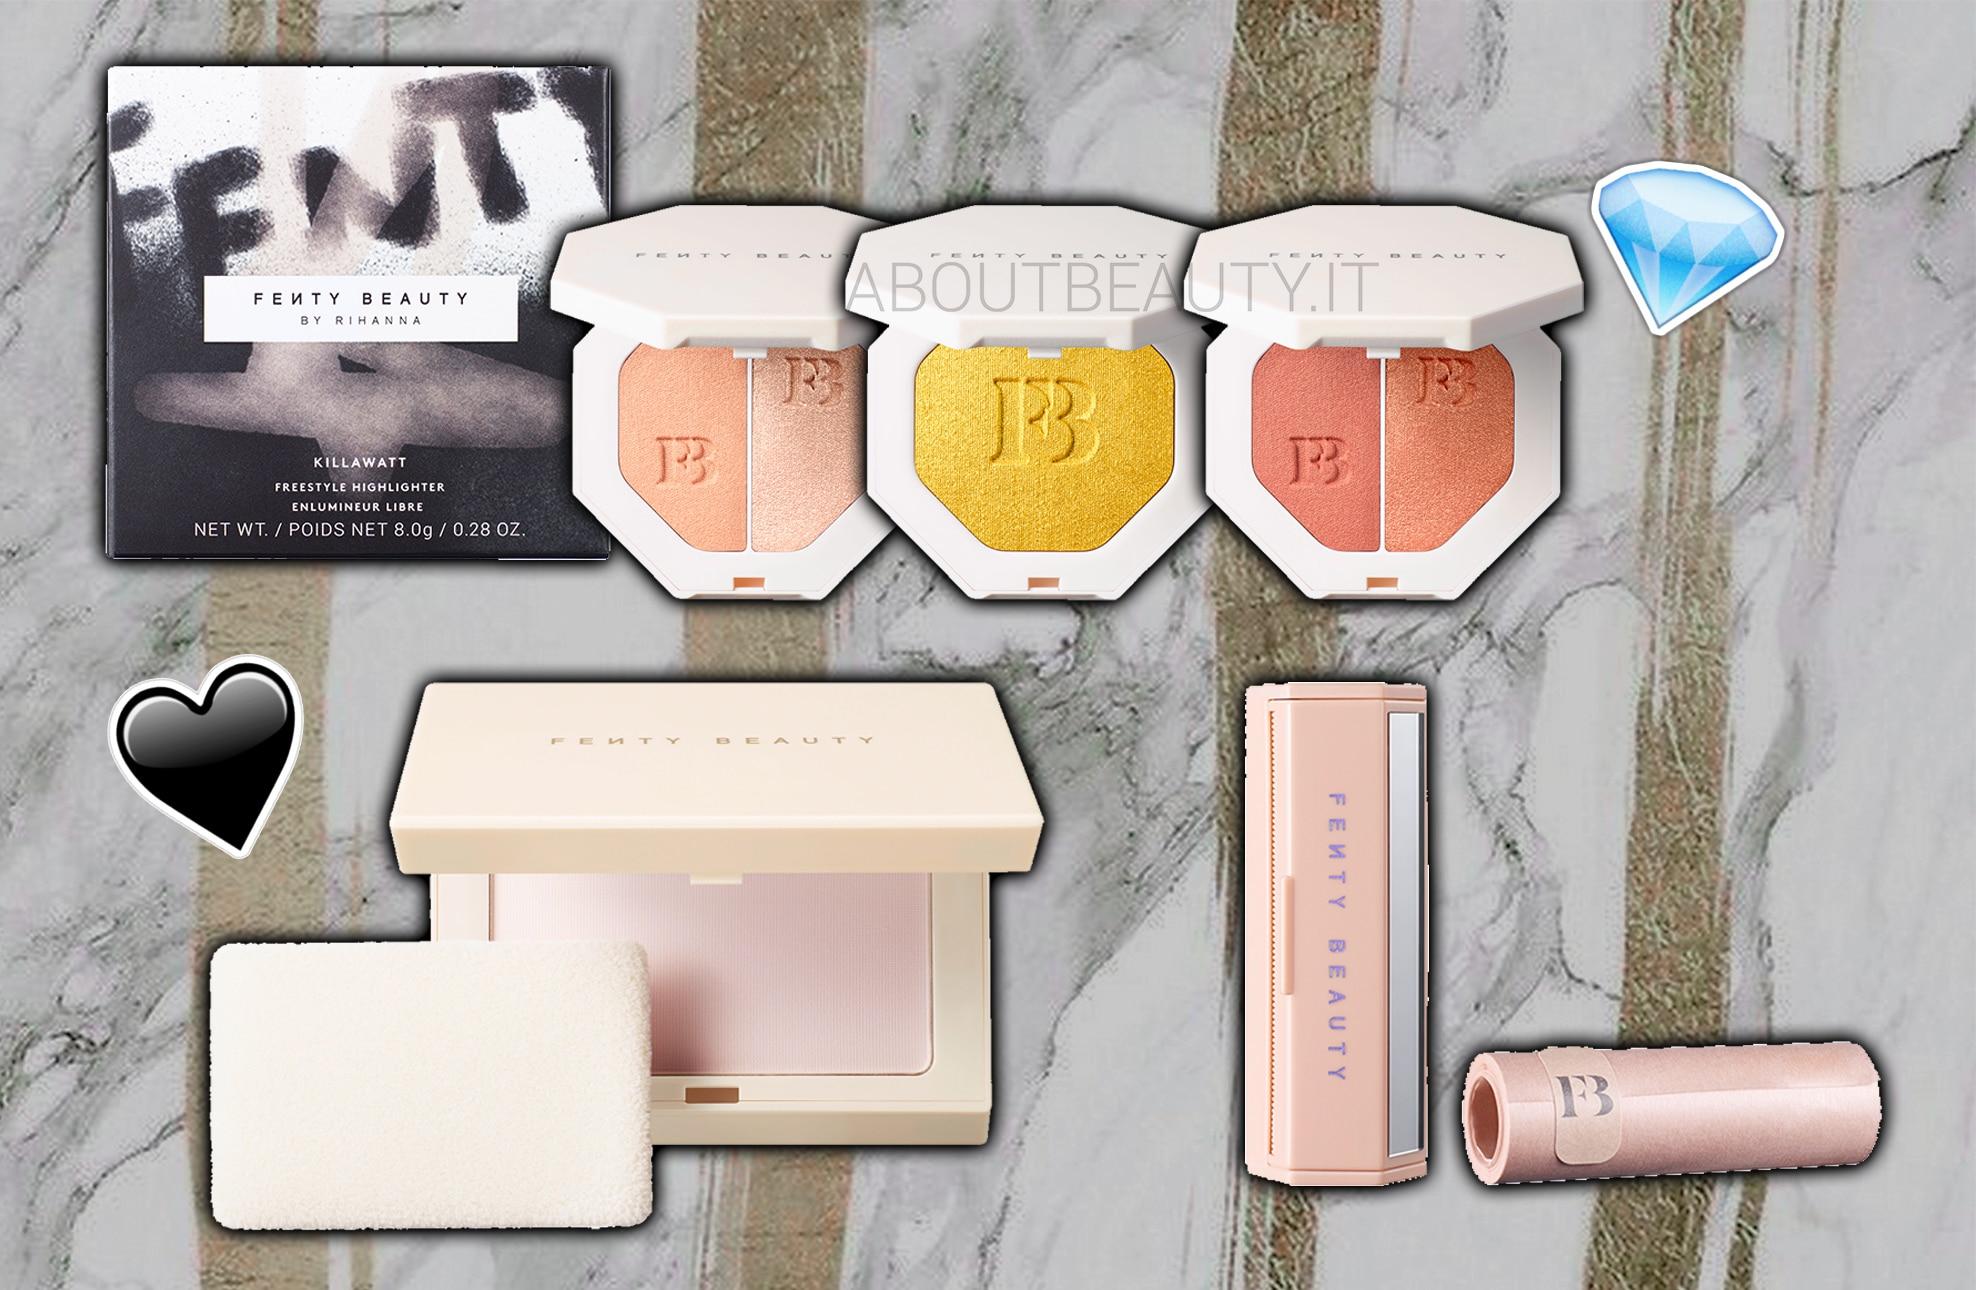 Fenty Beauty by Rihanna arriva in Italia dal 6 aprile, in esclusiva da Sephora - Prodotti viso, occhi, labbra - Review, recensione, opinioni, info, prezzo, dove acquistare, prodotti migliori, swatch - Fondotinta, Match stix matte e shimmer, Invisimatte, Killawatt illuminante, Gloss Bomb, Stunna Lip Paint